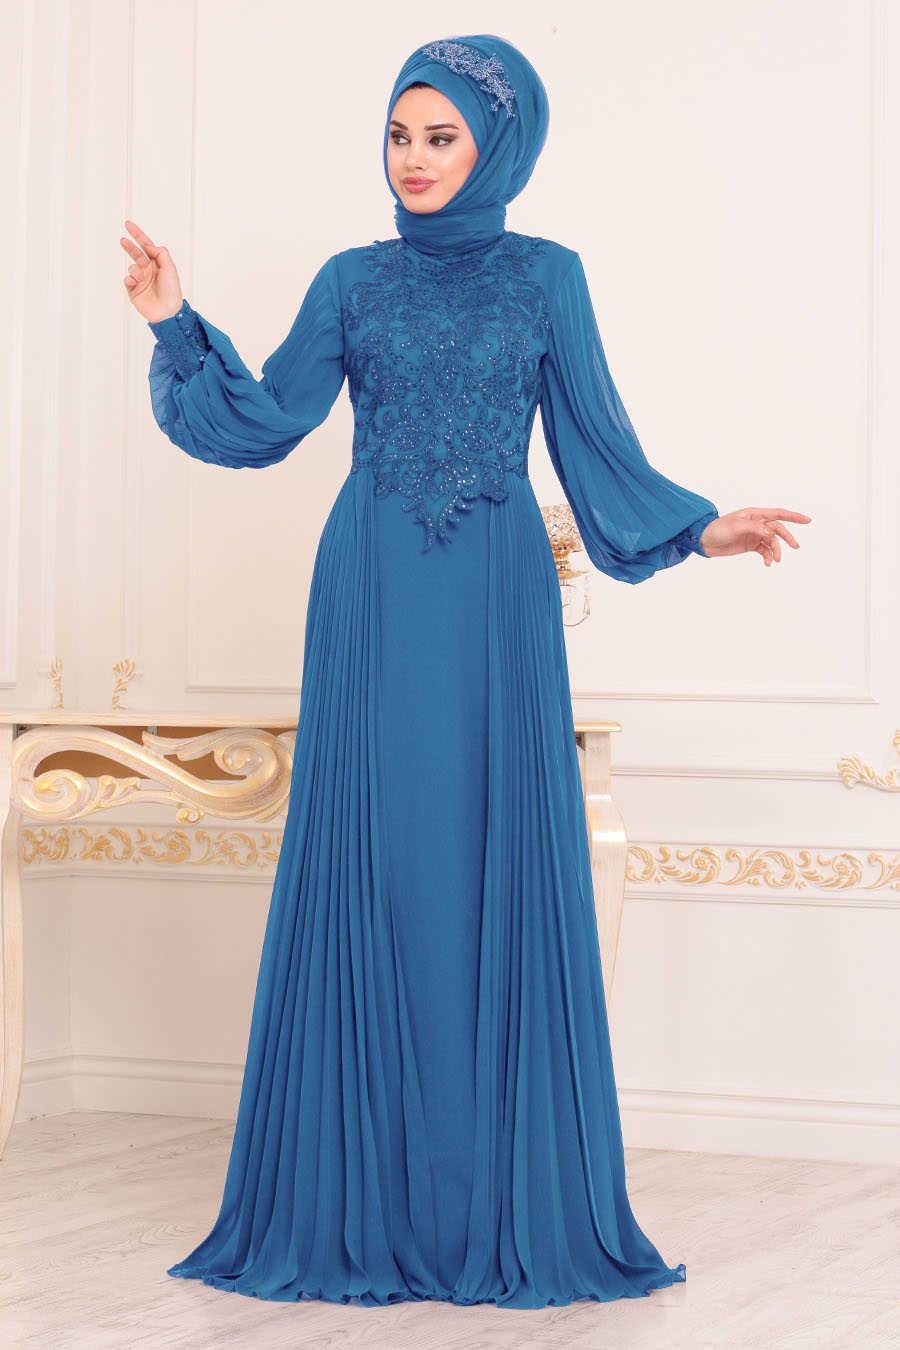 Dantel Detaylı İndigo Mavisi Tesettür Abiye Elbise 46220IM